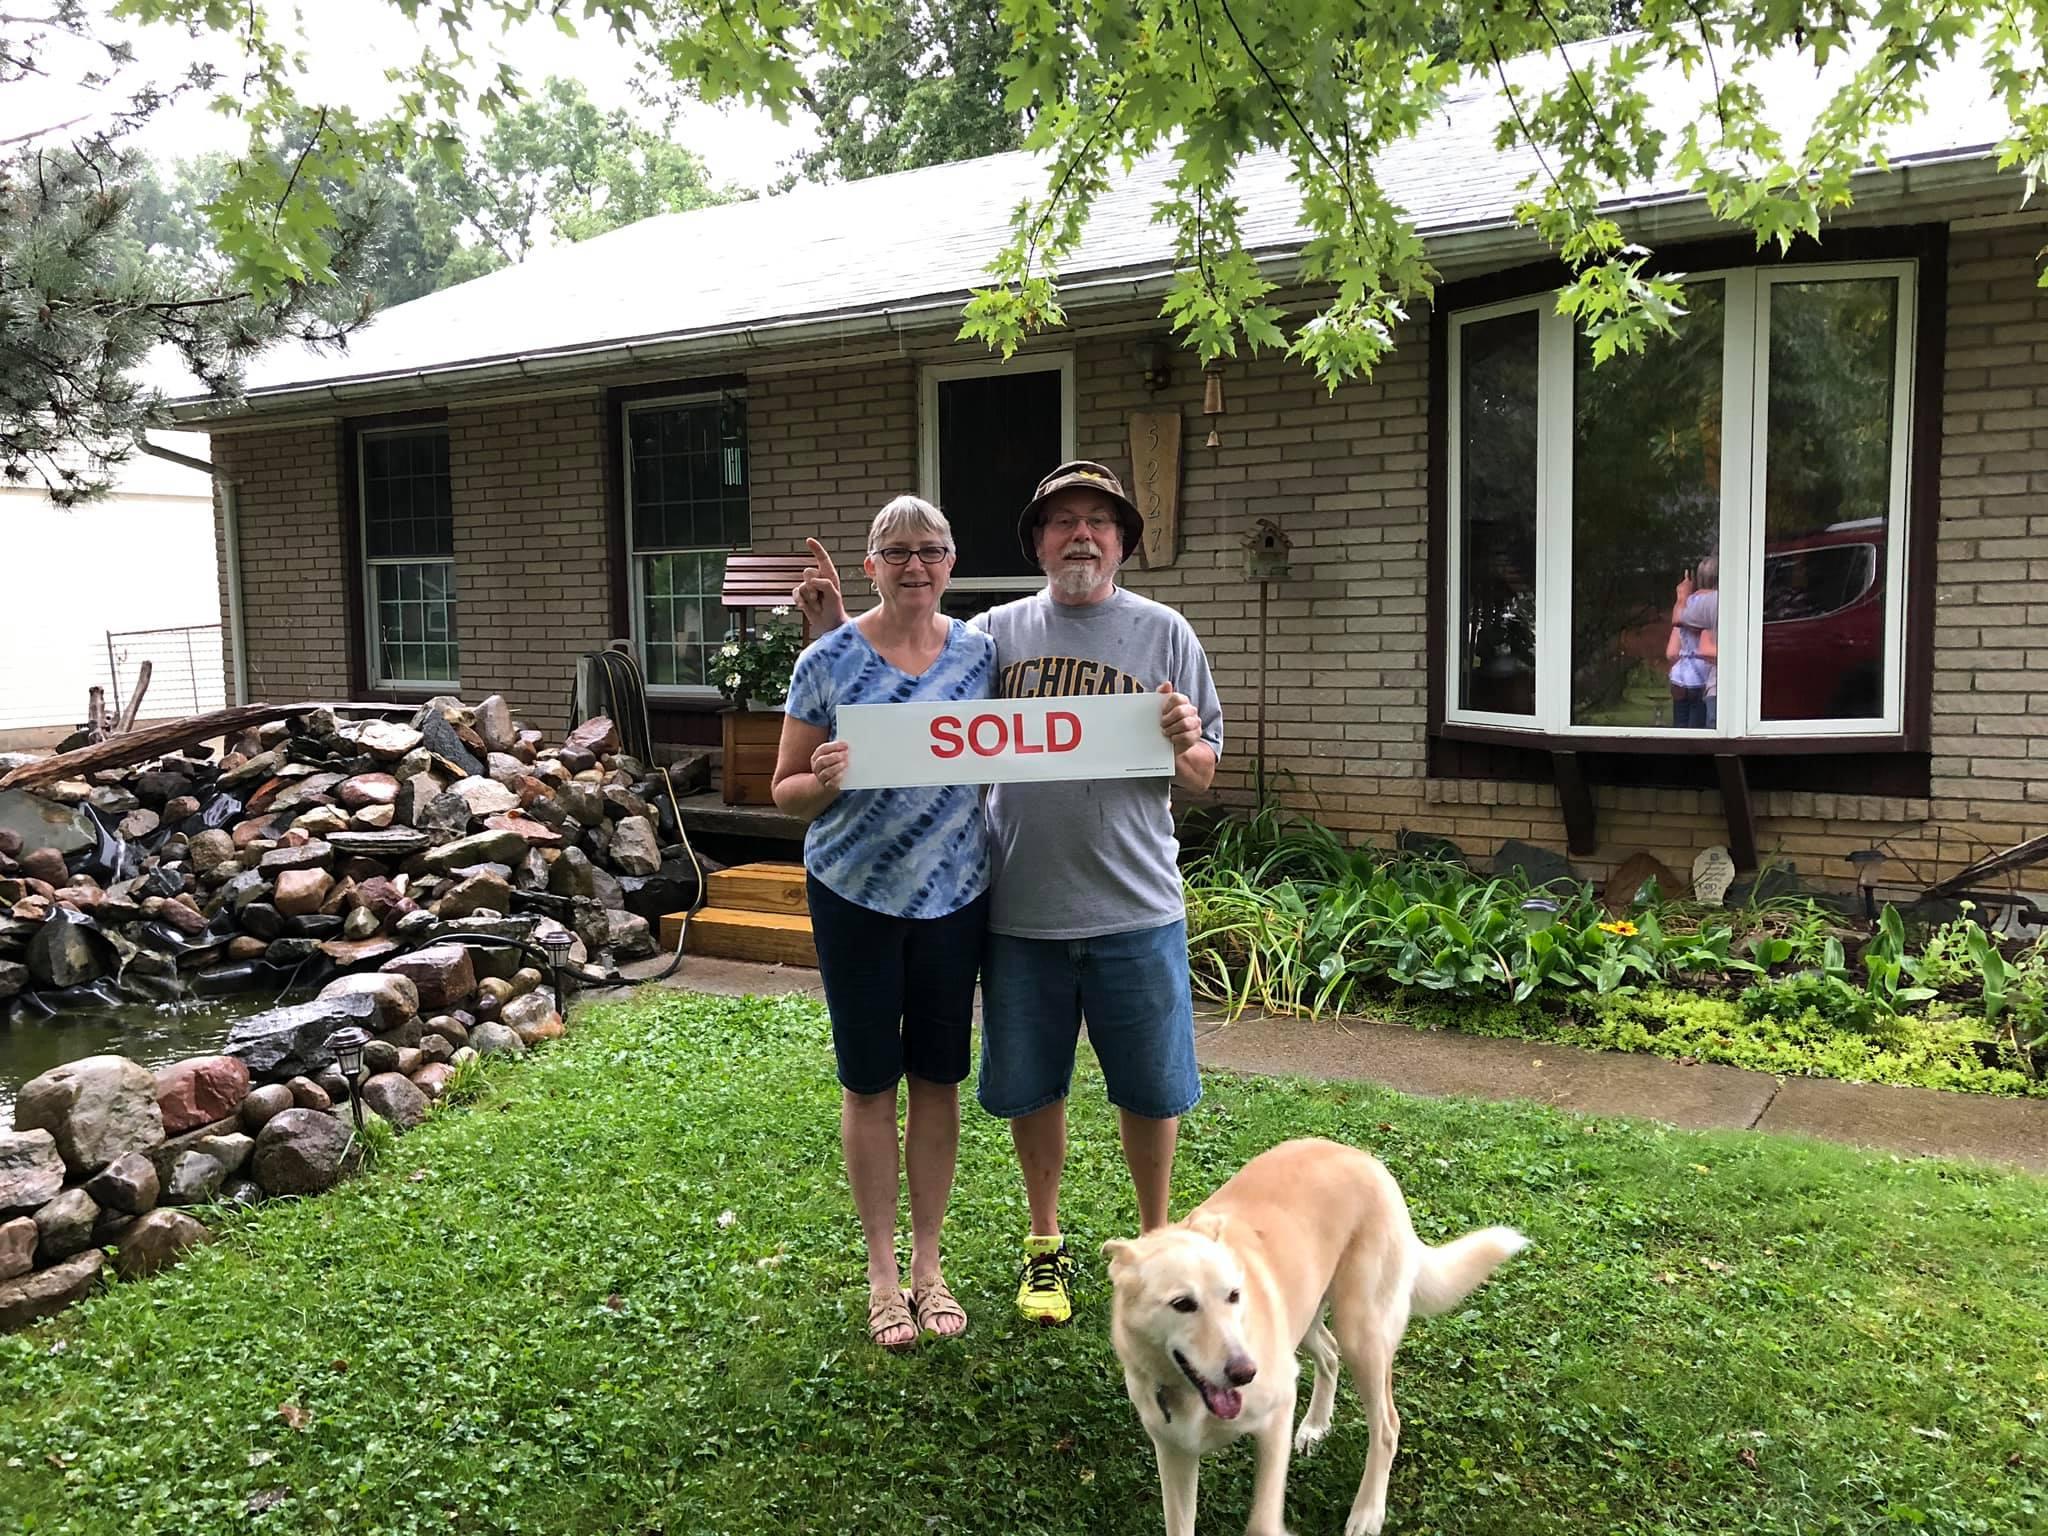 Sold in 3 days. VA buyer. Love helping veterans!